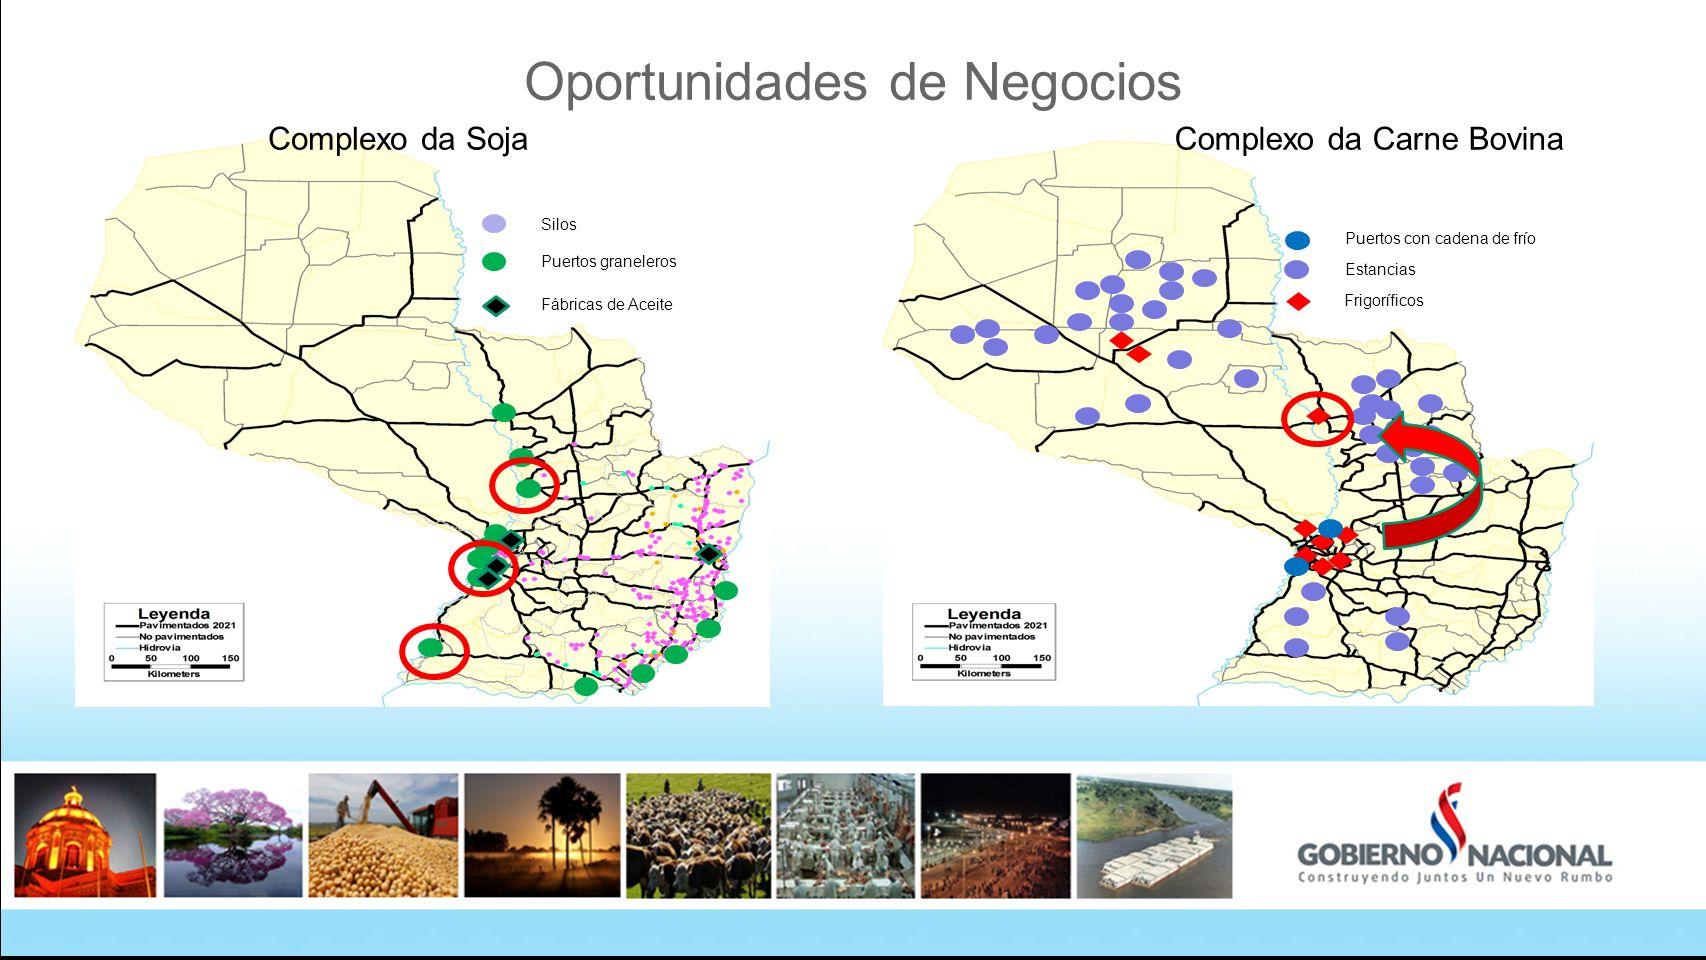 Oportunidades de Negocios Puertos graneleros Silos Fábricas de Aceite Estancias Frigoríficos Puertos con cadena de frío Complexo da Carne BovinaComple